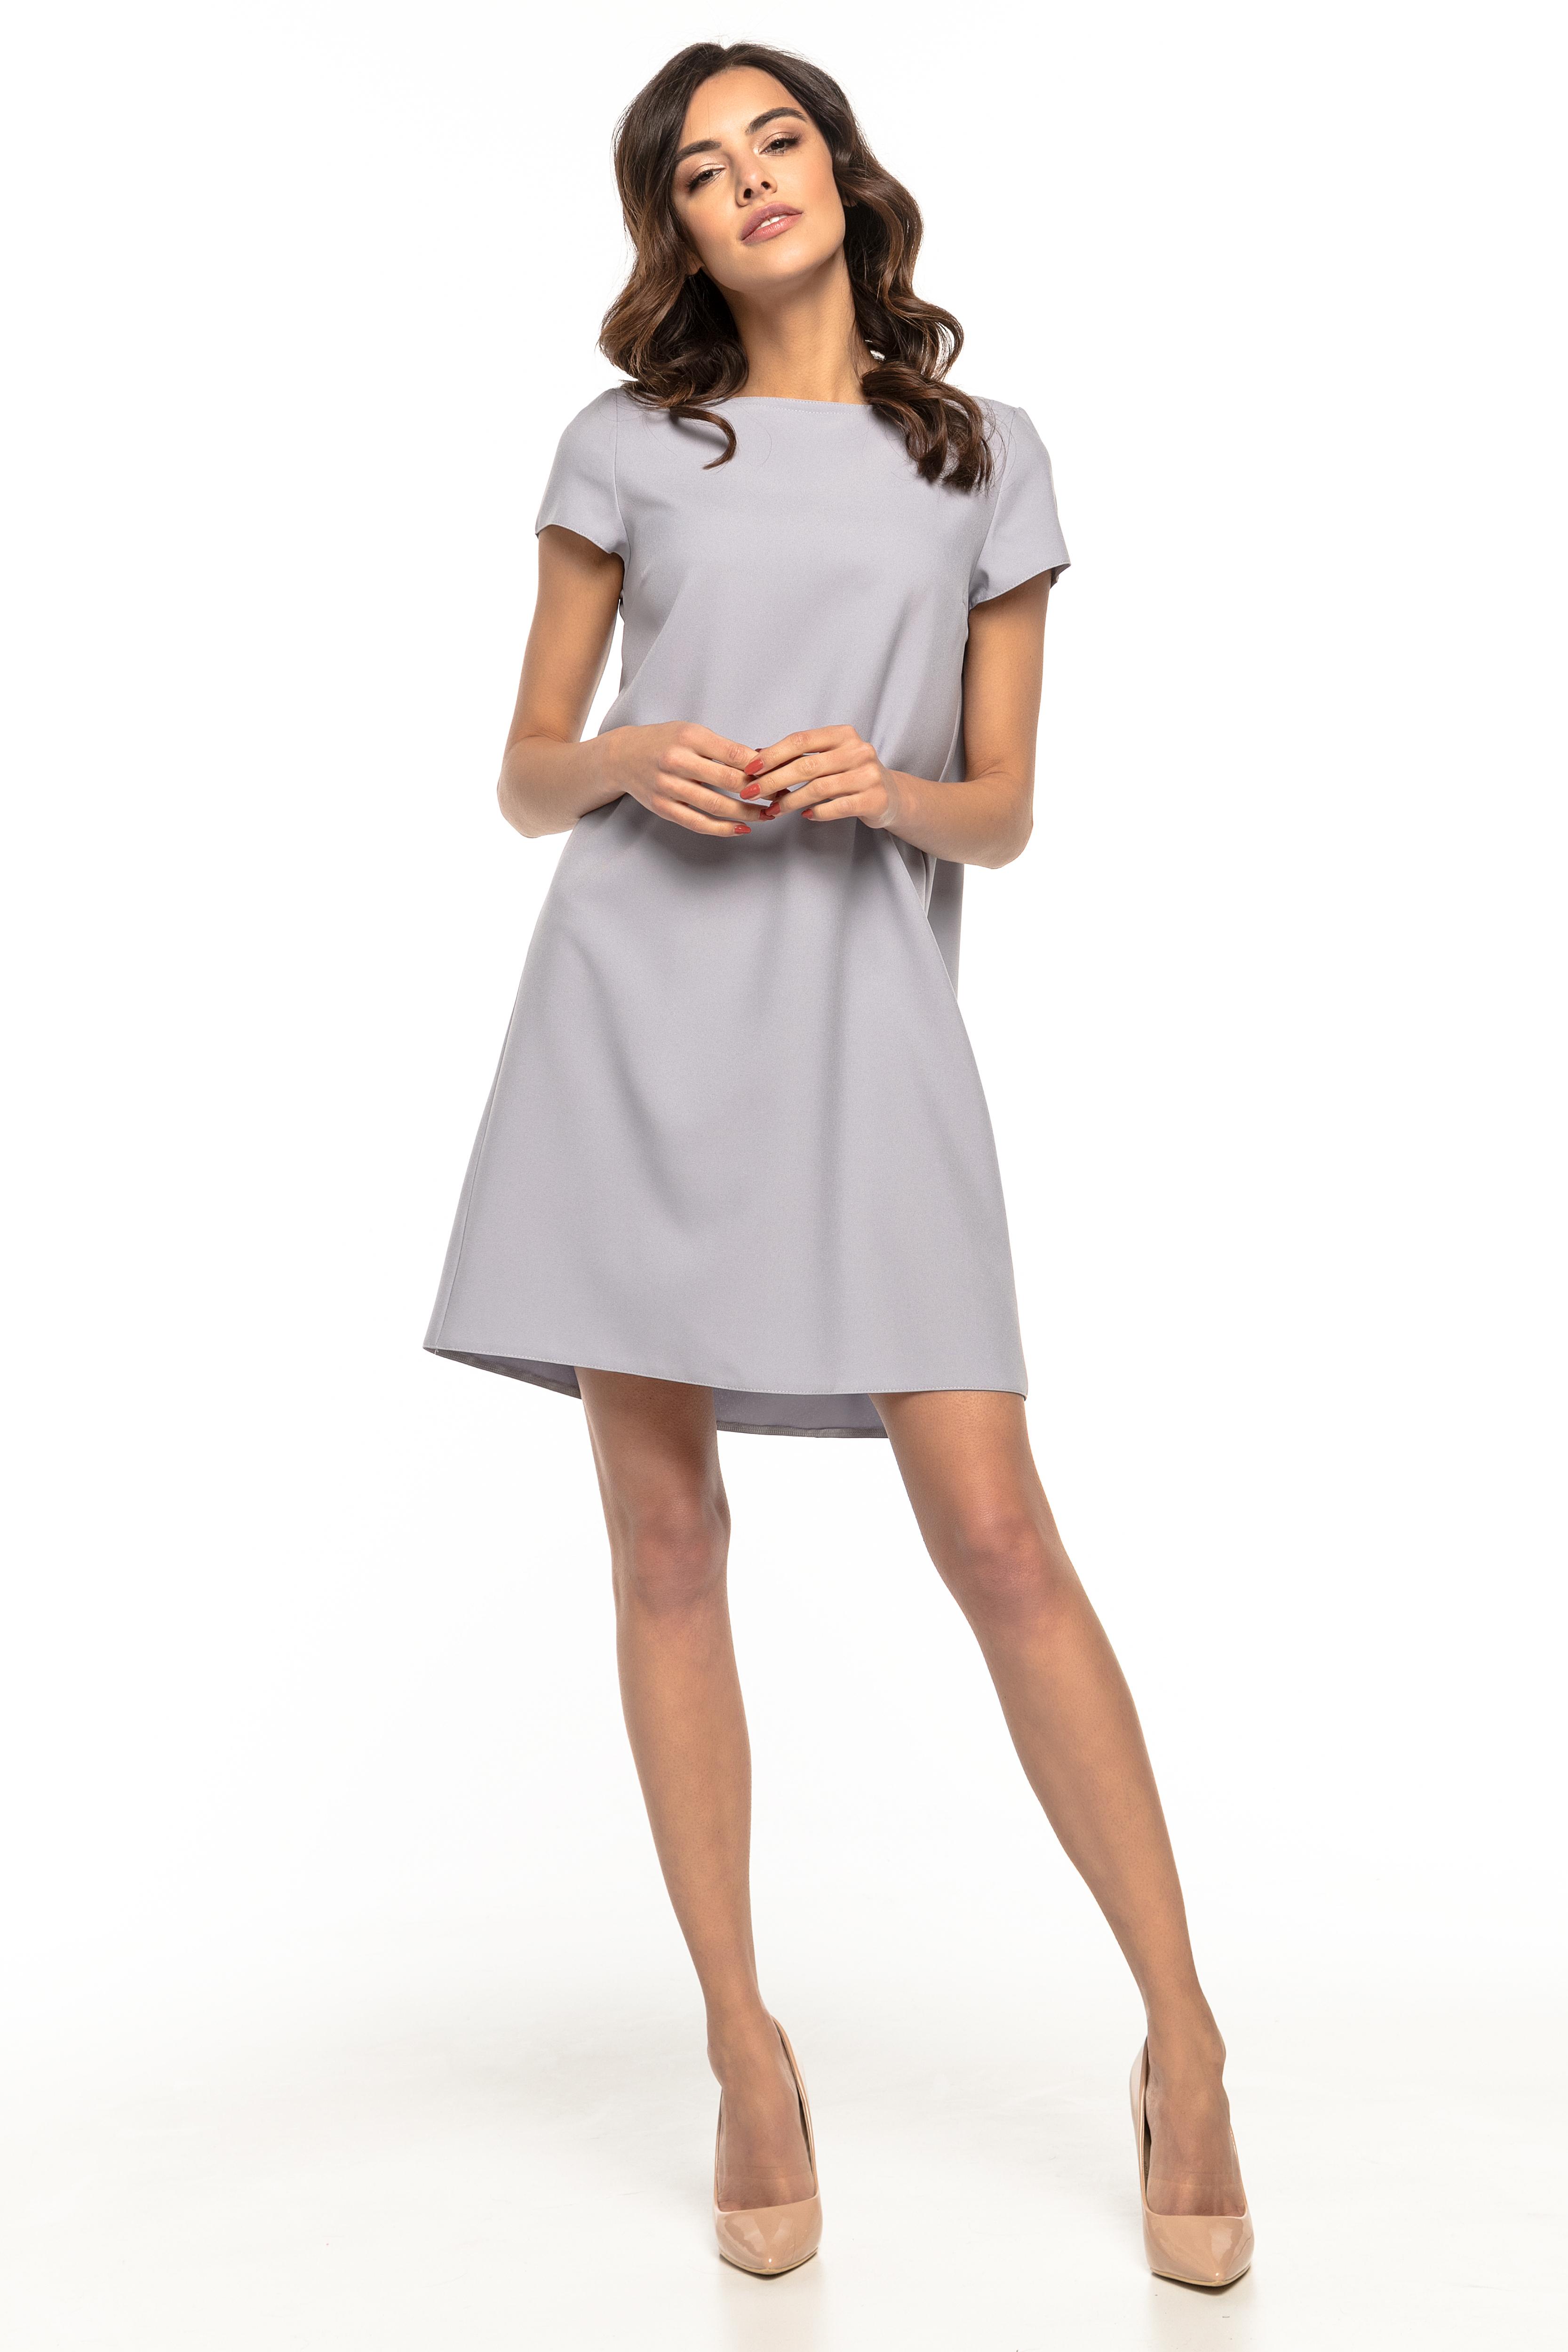 8ef2aada17 Sukienka trapezowa elegancka szara - tania dostawa już od 5